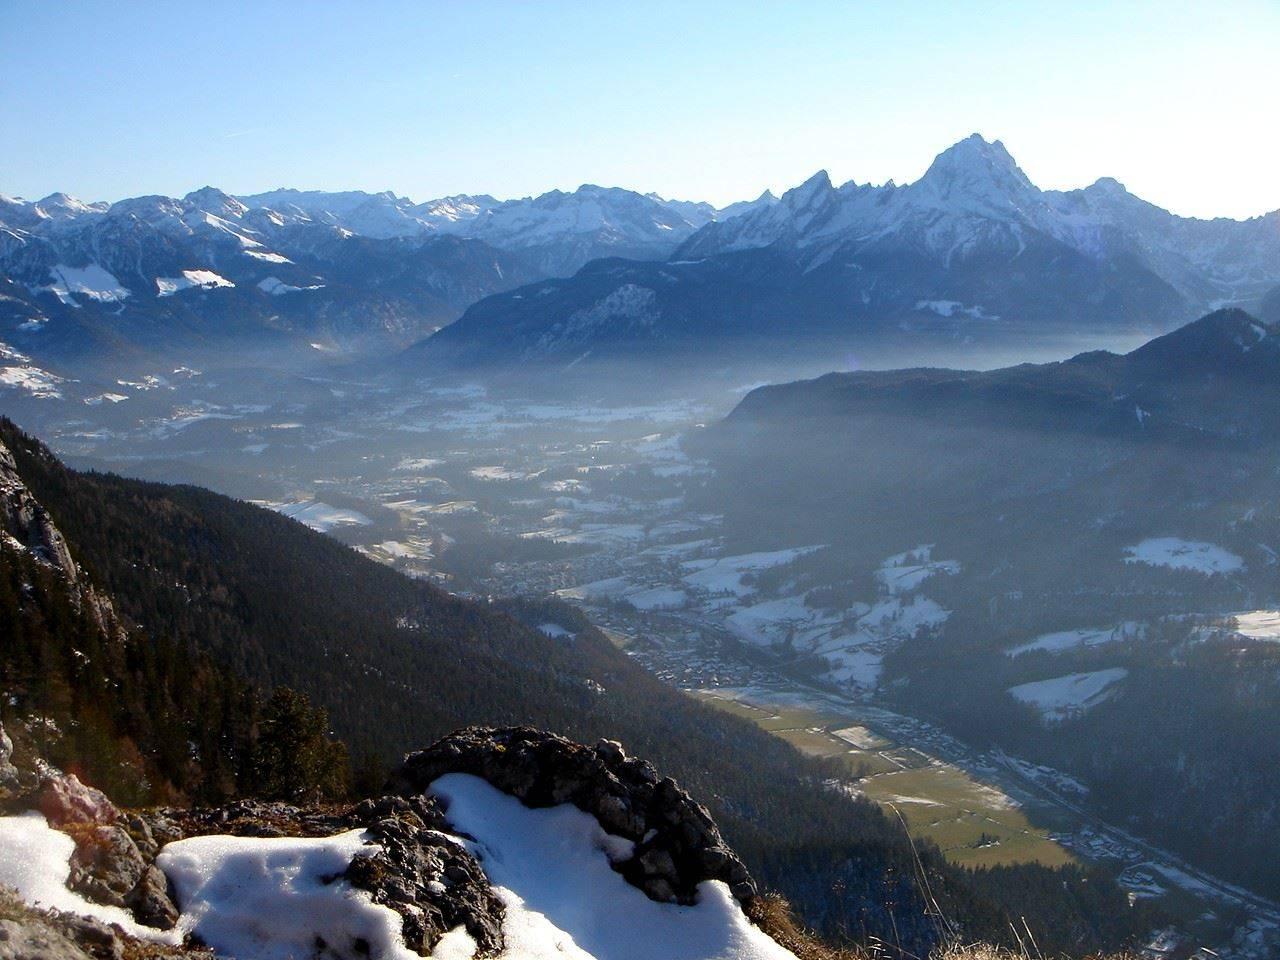 Foto: Manfred Karl / Wander Tour / Von Bischofswiesen auf den Berchtesgadener Hochthron / Ein schöner Rastpunkt befindet sich kurz vorm Reisenkaser. / 17.05.2007 21:03:44